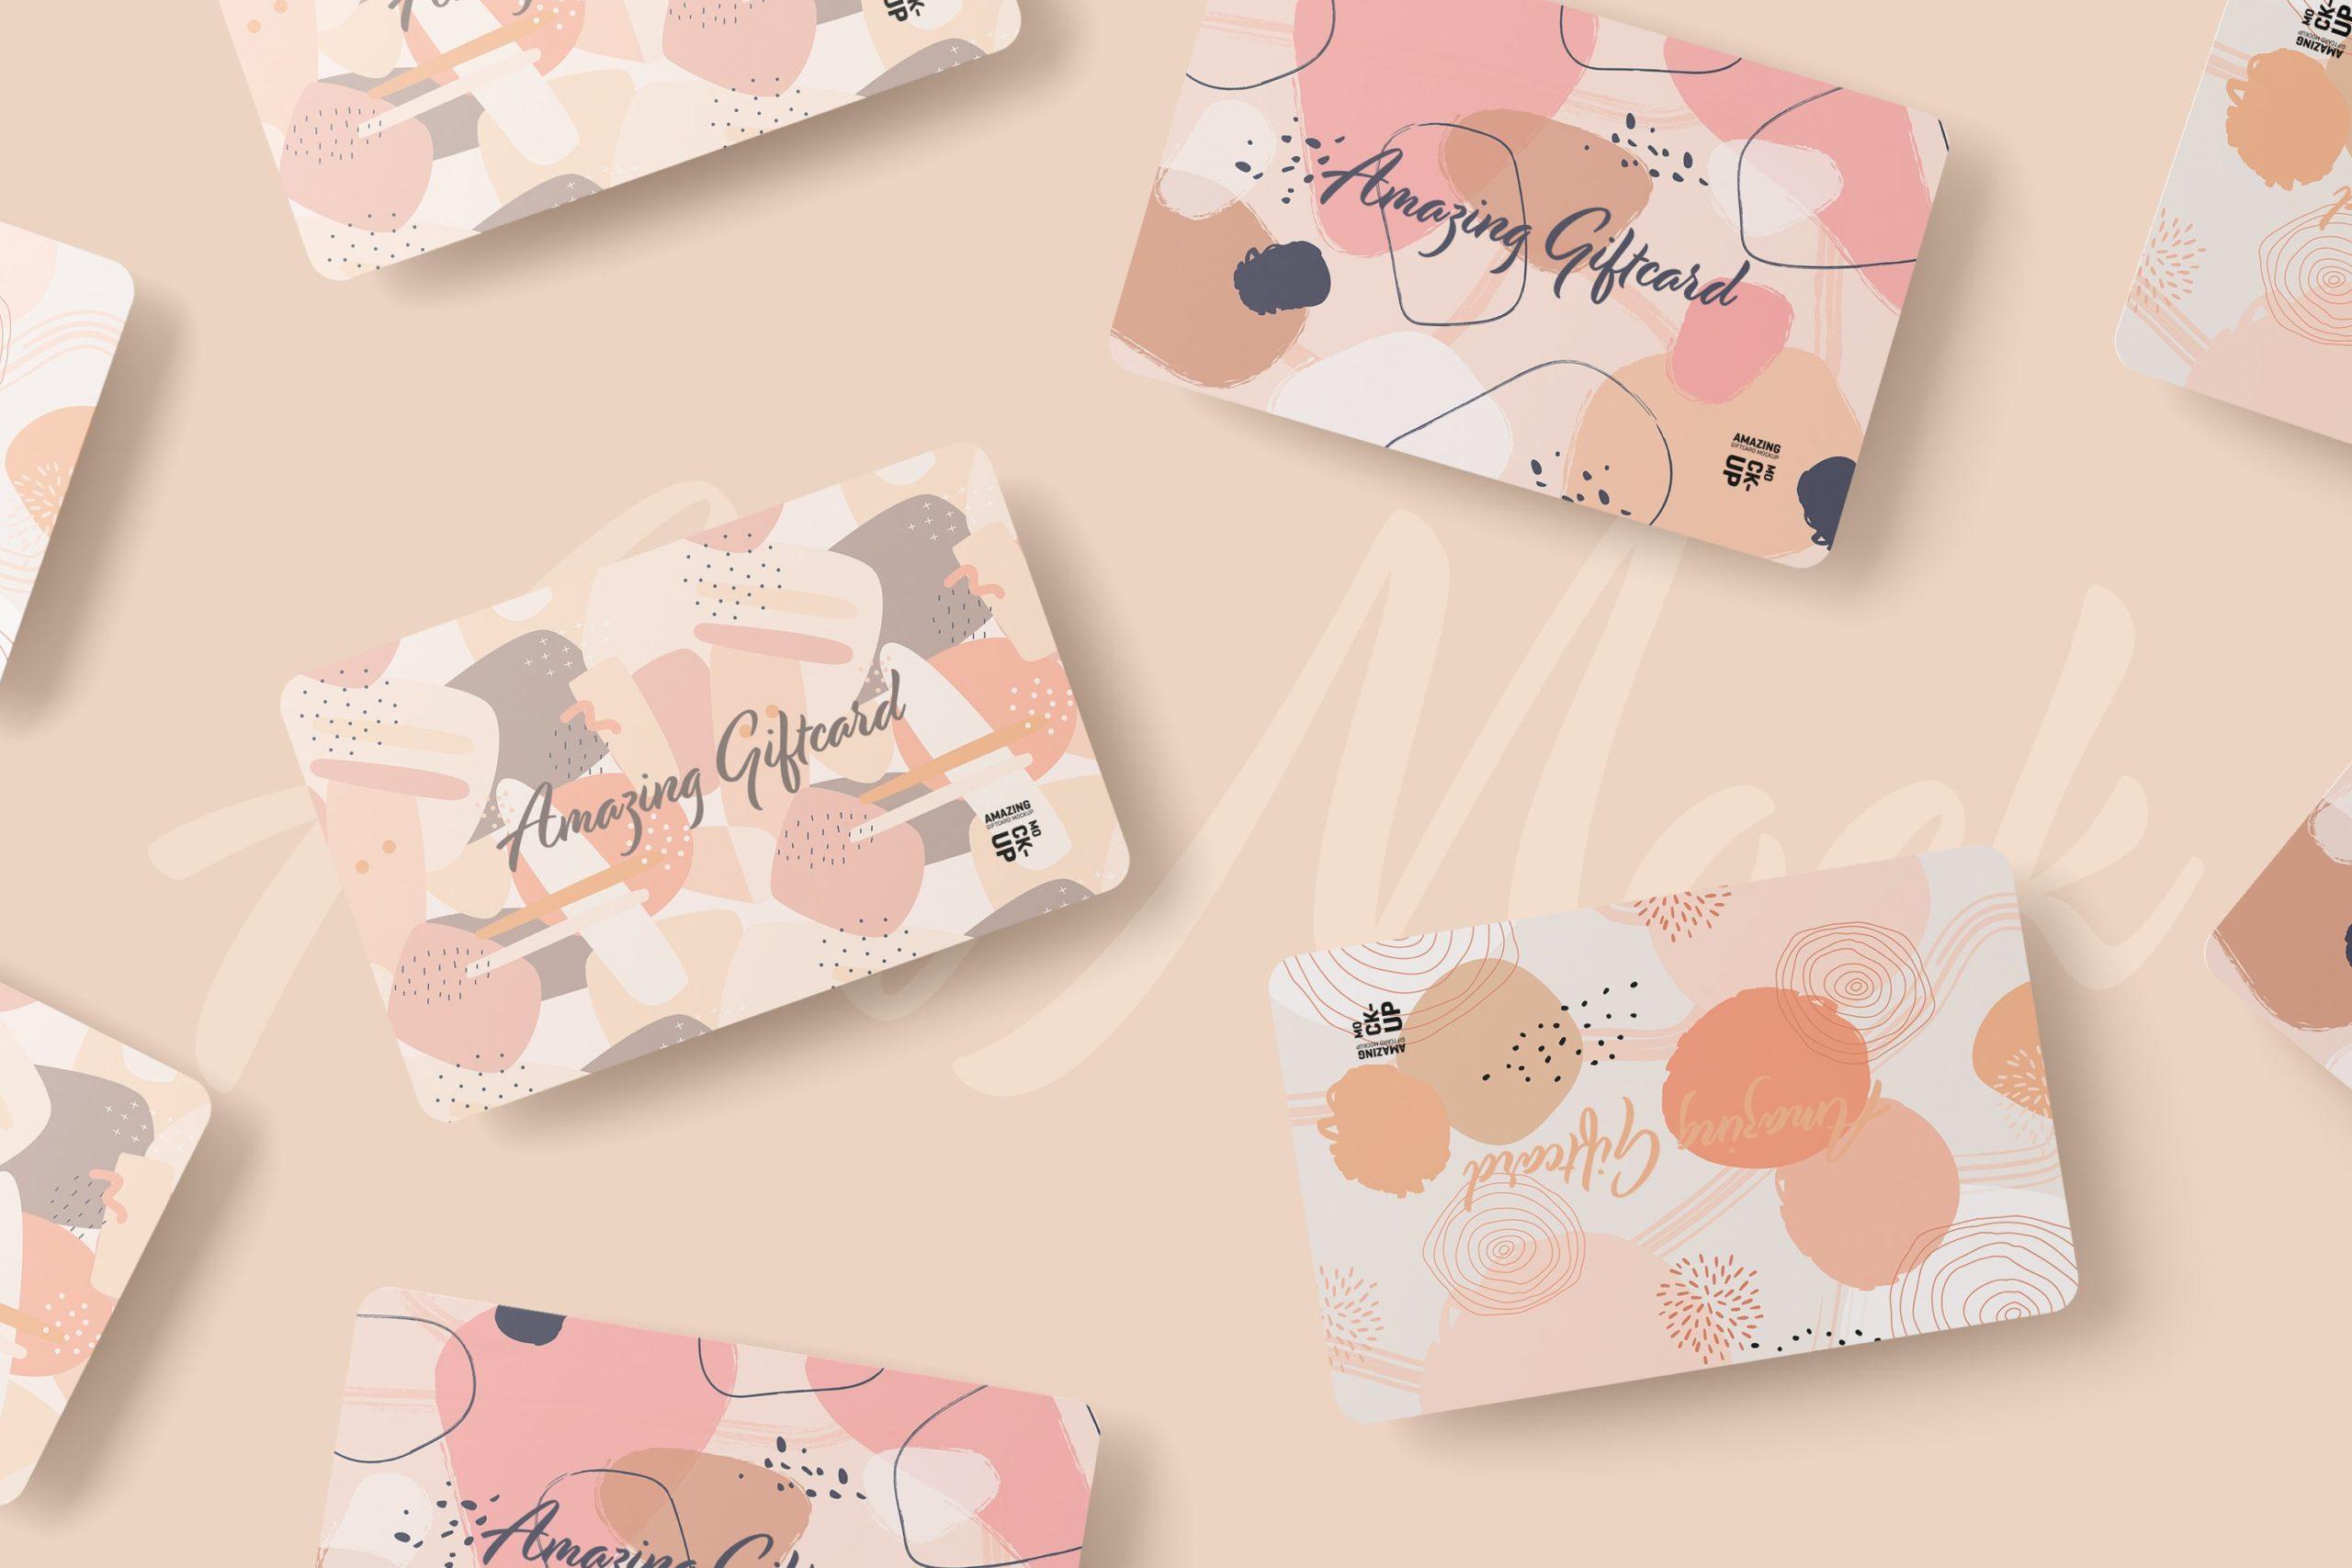 11款名片礼品卡设计展示贴图样机模板 Gift Card Mockup插图9